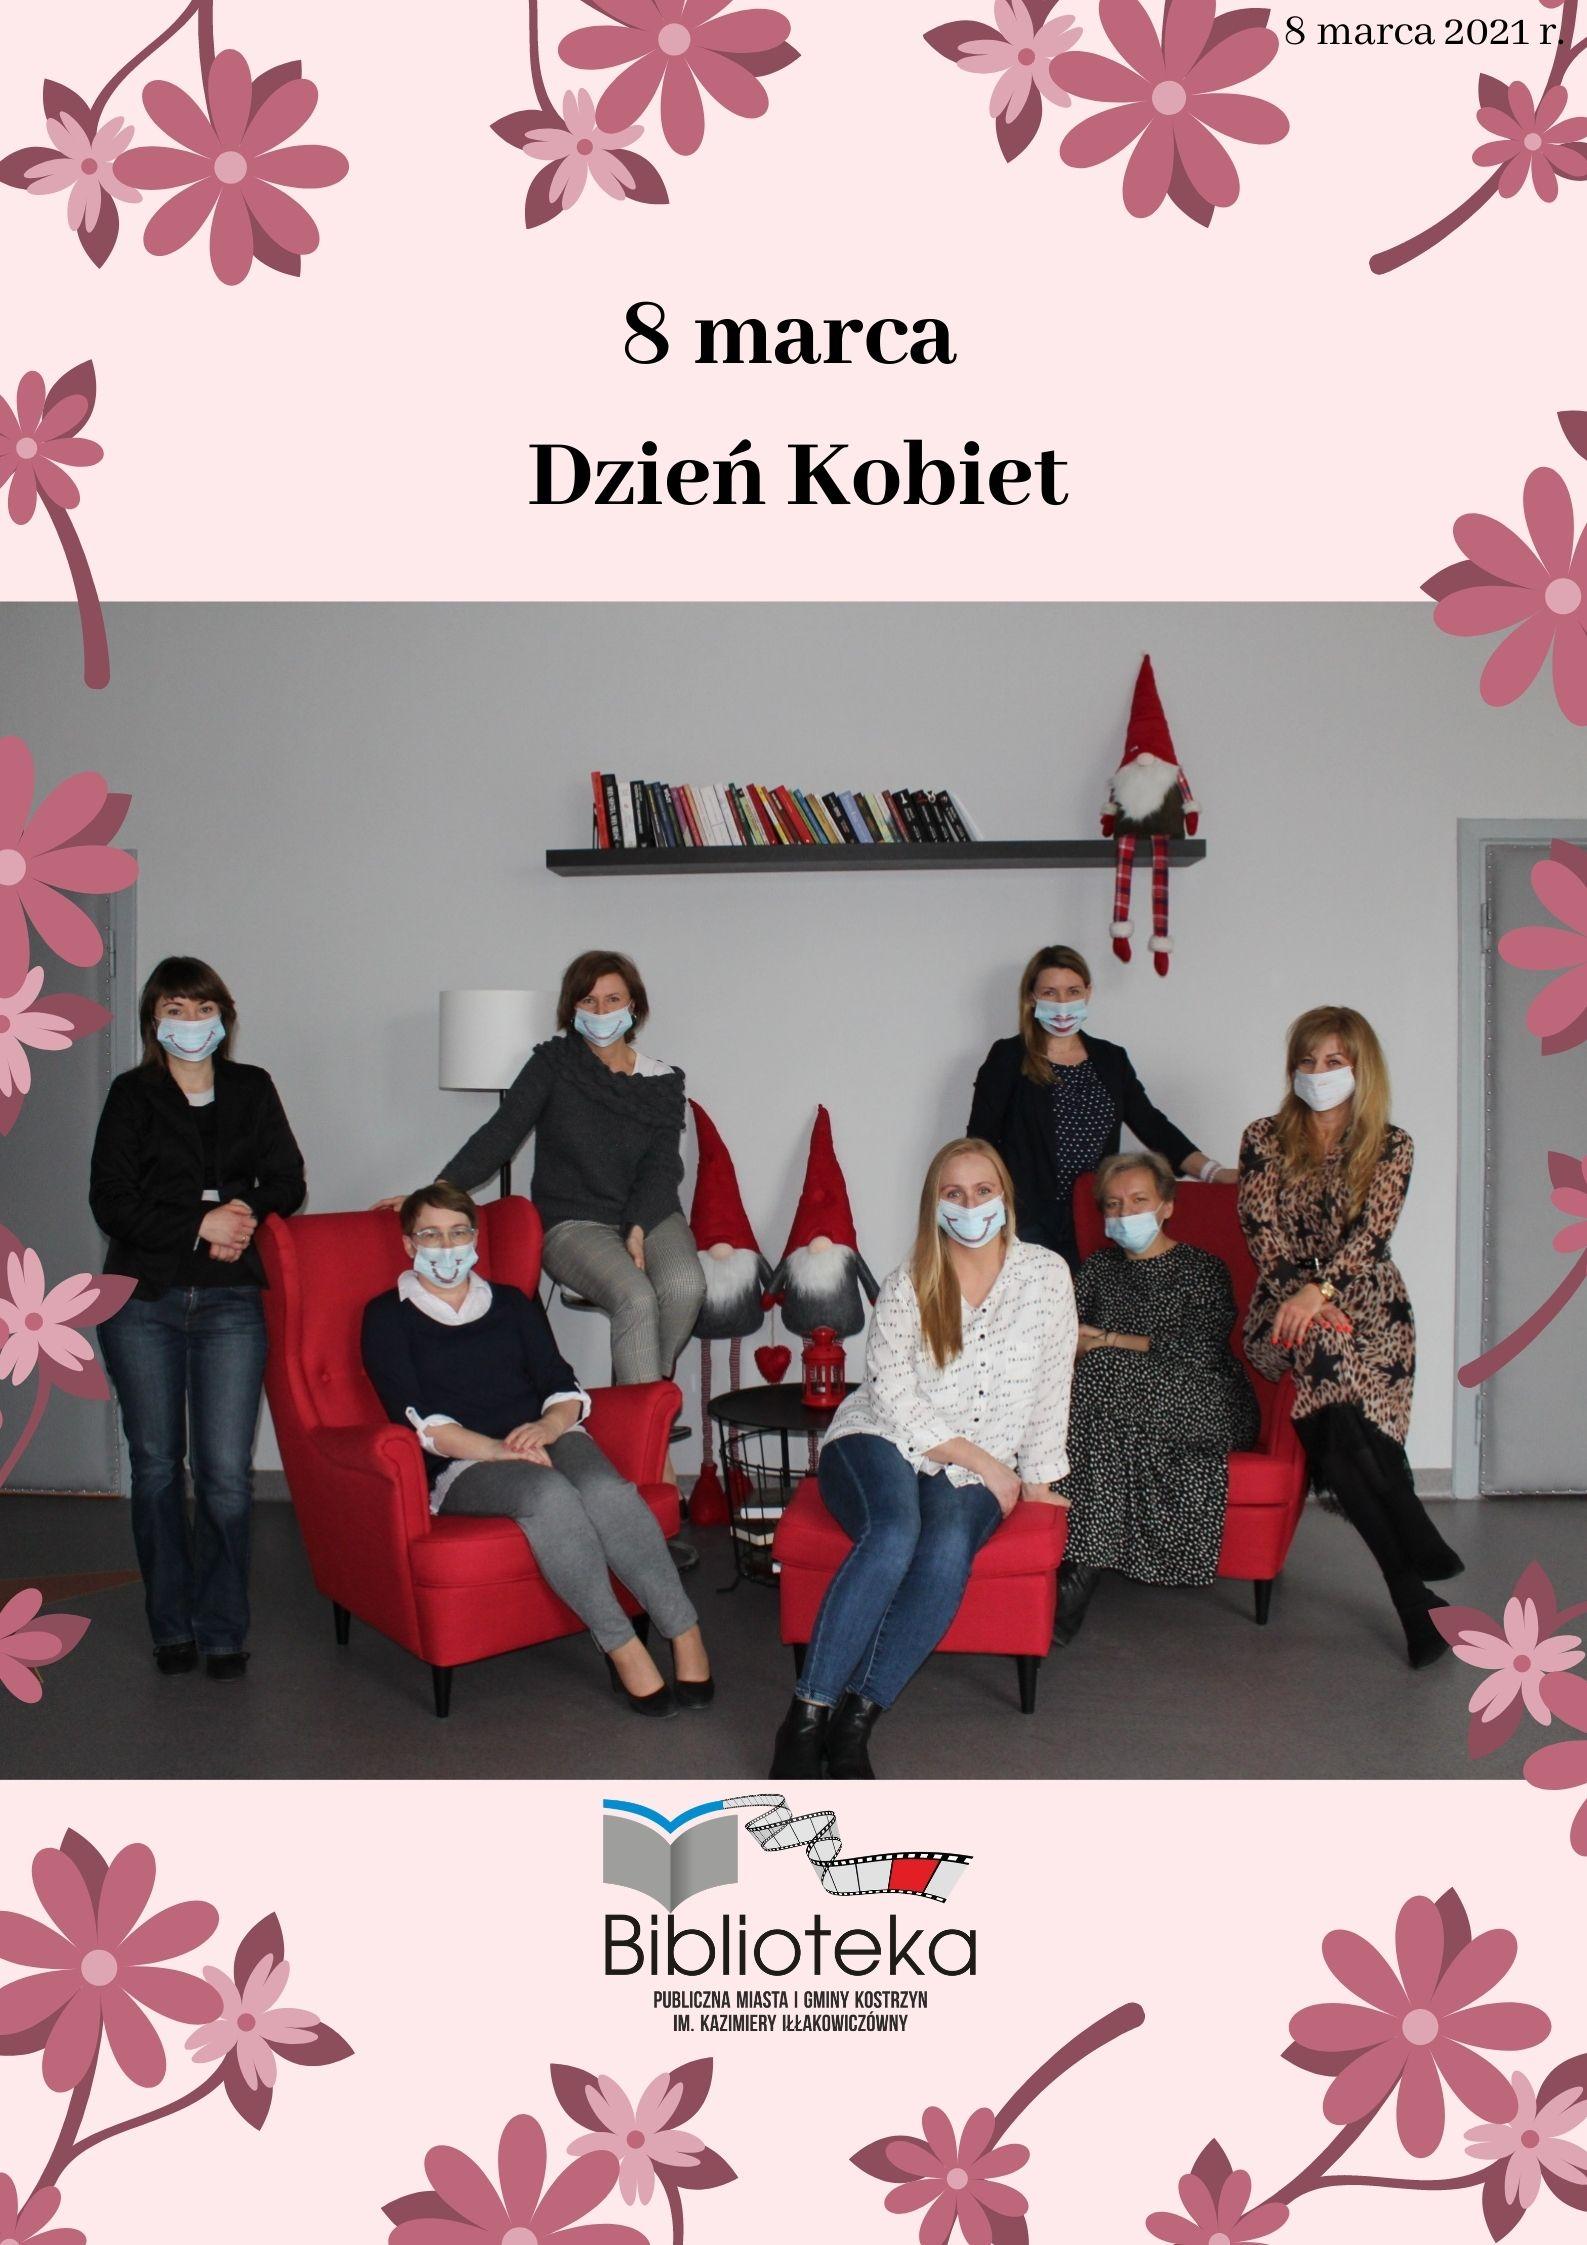 na-zdjeciu-7-pracownic-biblioteki-i-napis-8-marca-dzien-kobiet